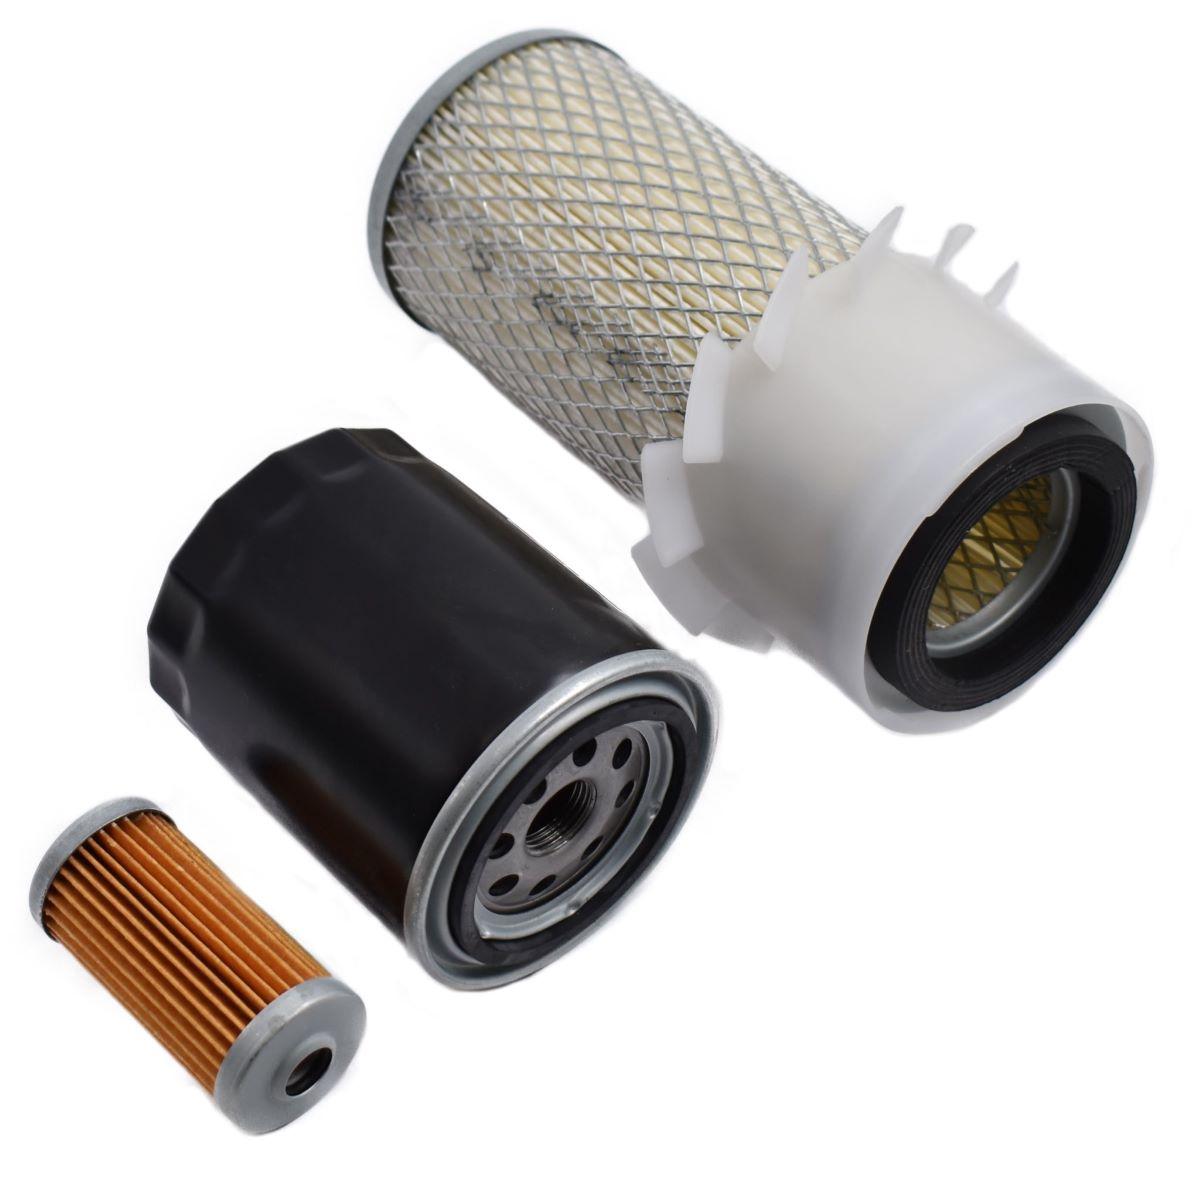 Filterset Hinomoto E182, E184, E202, E204, E222, E224, E1802, E1804